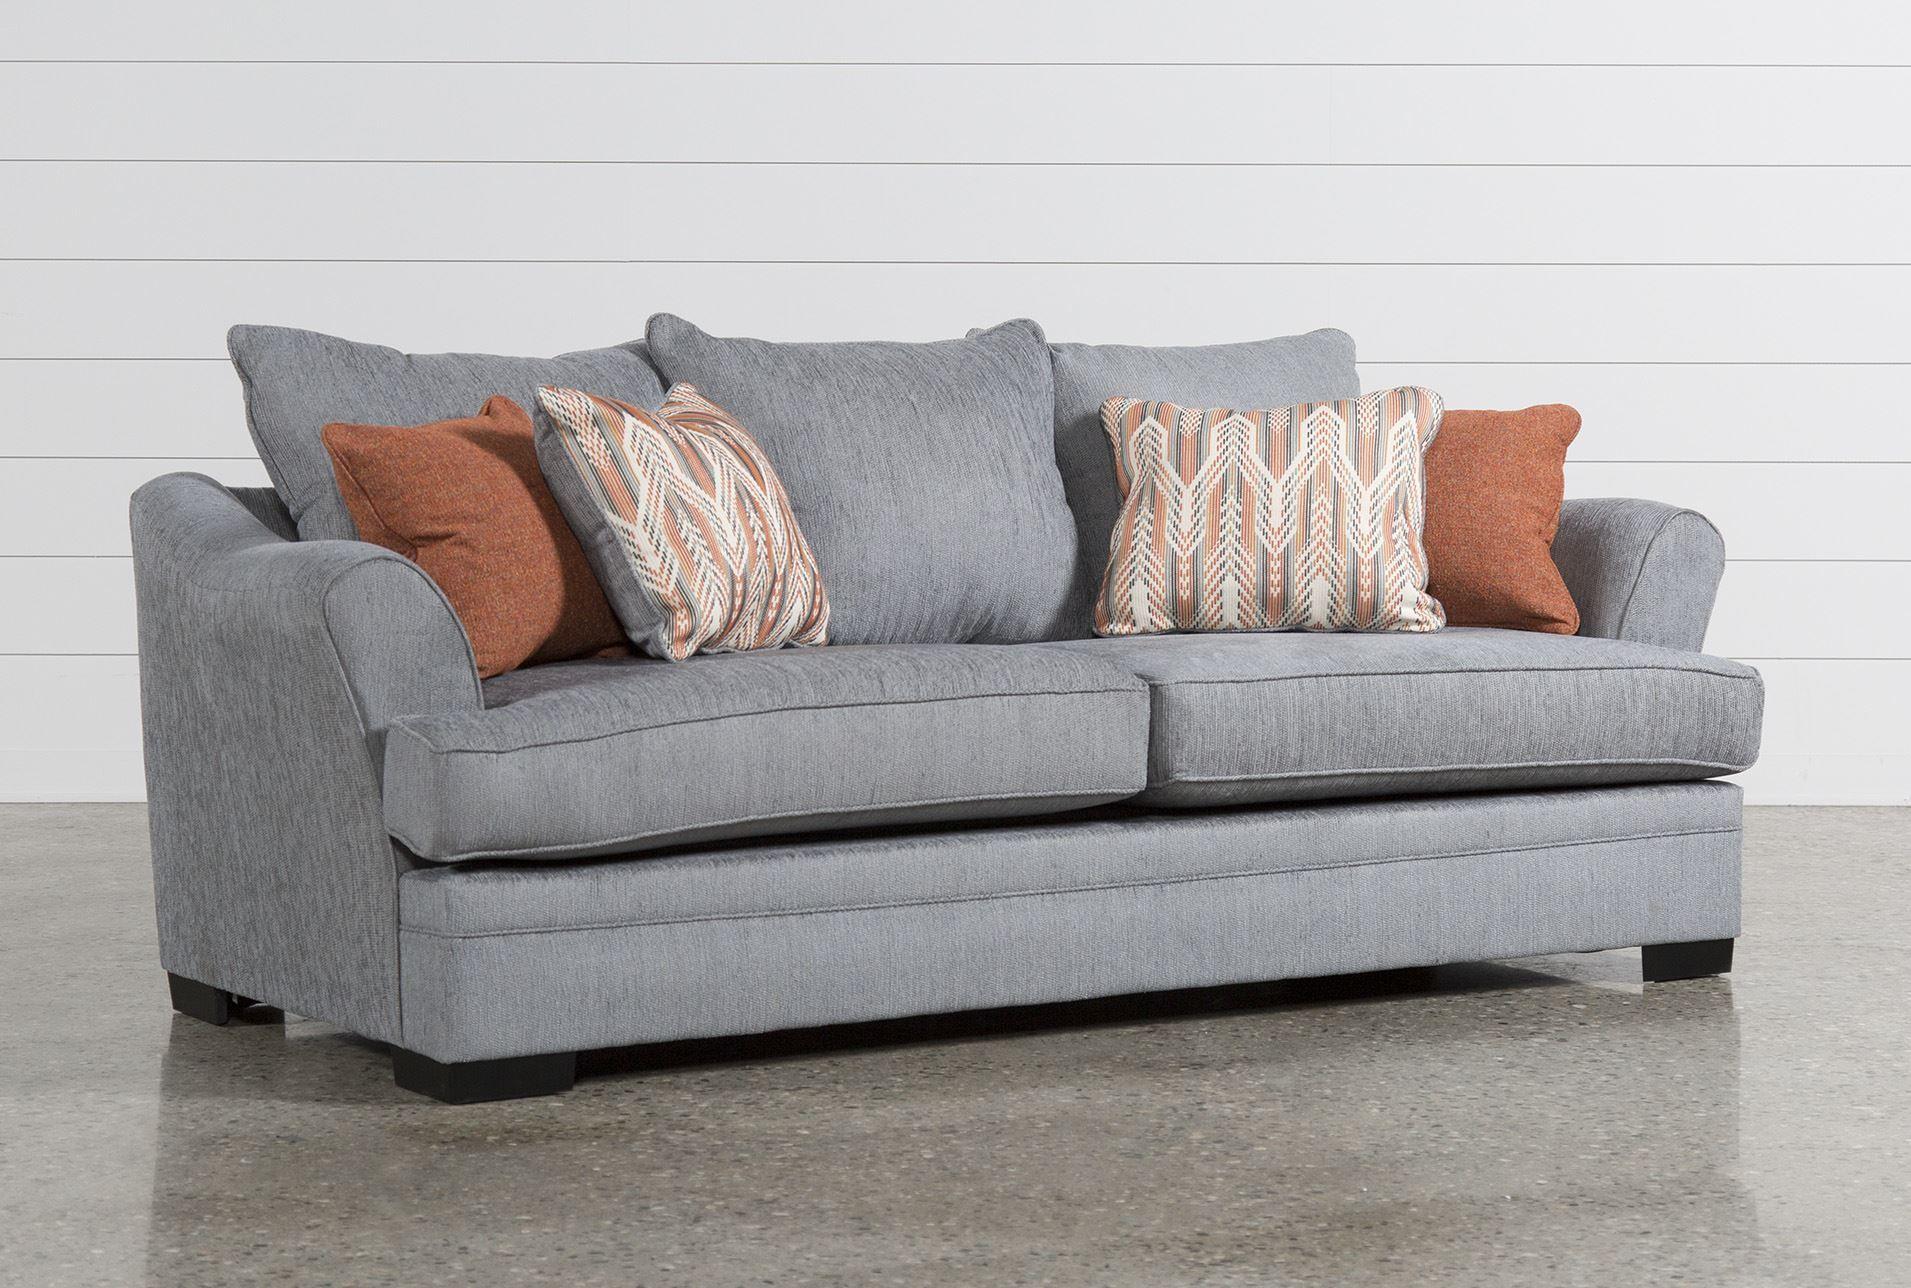 Milari Linen Sofa $425 Living Spaces Furniture